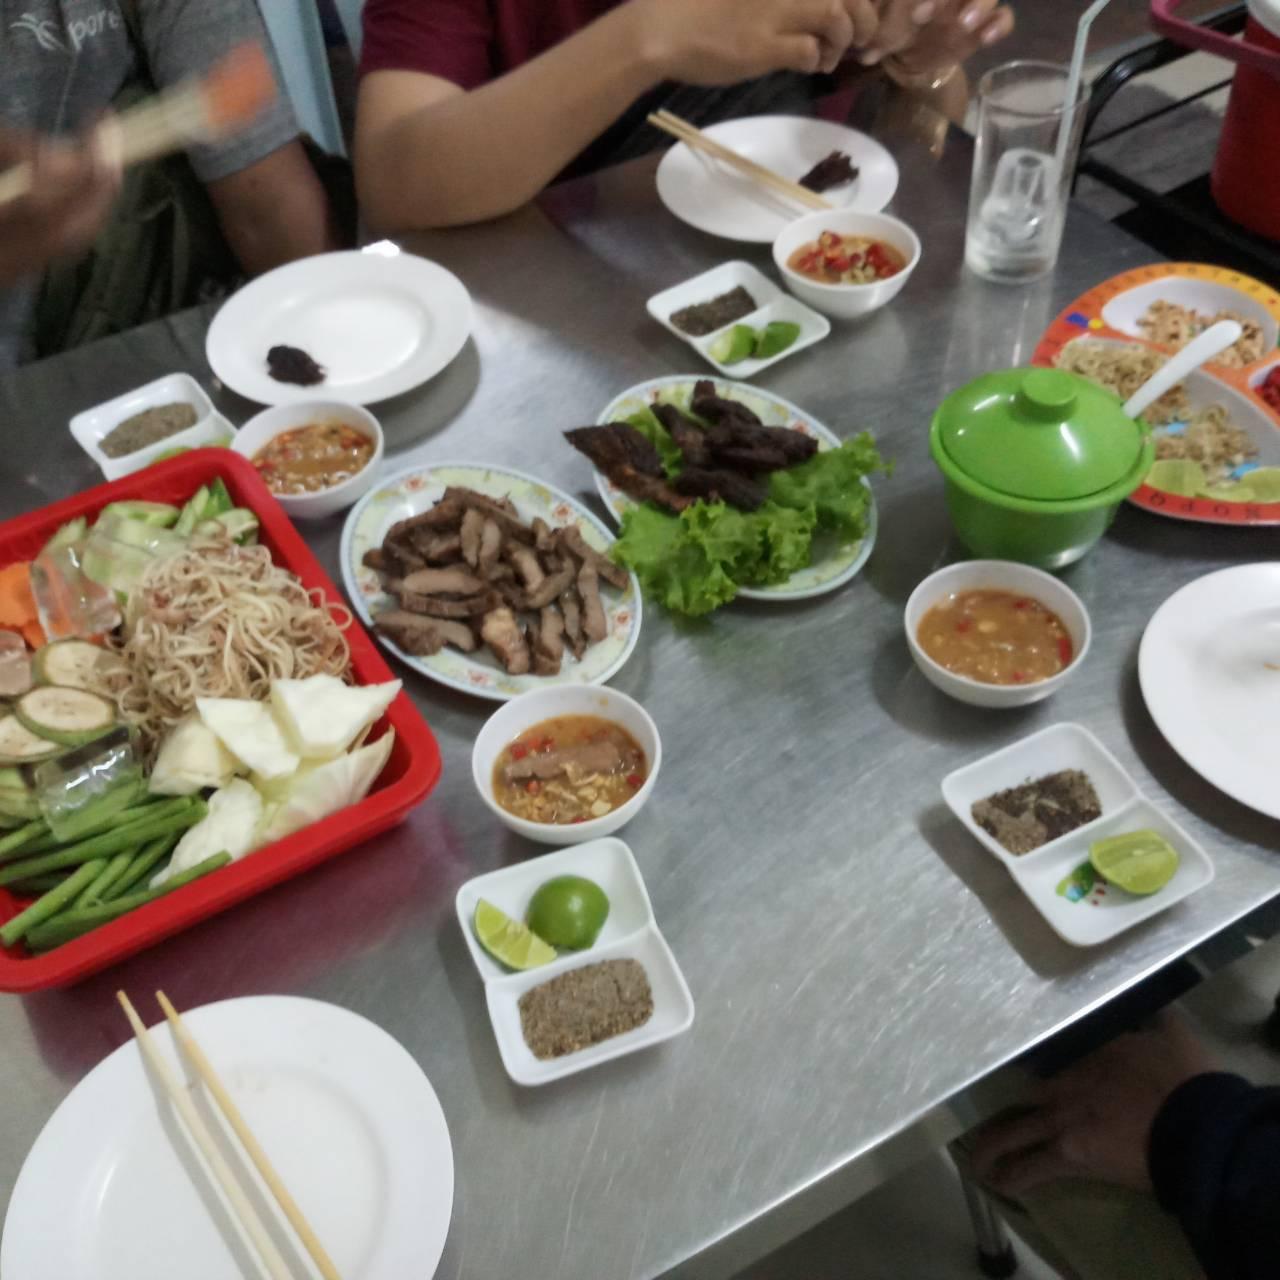 อาหาร กัมพูชา ตลาดโรงเกลือ